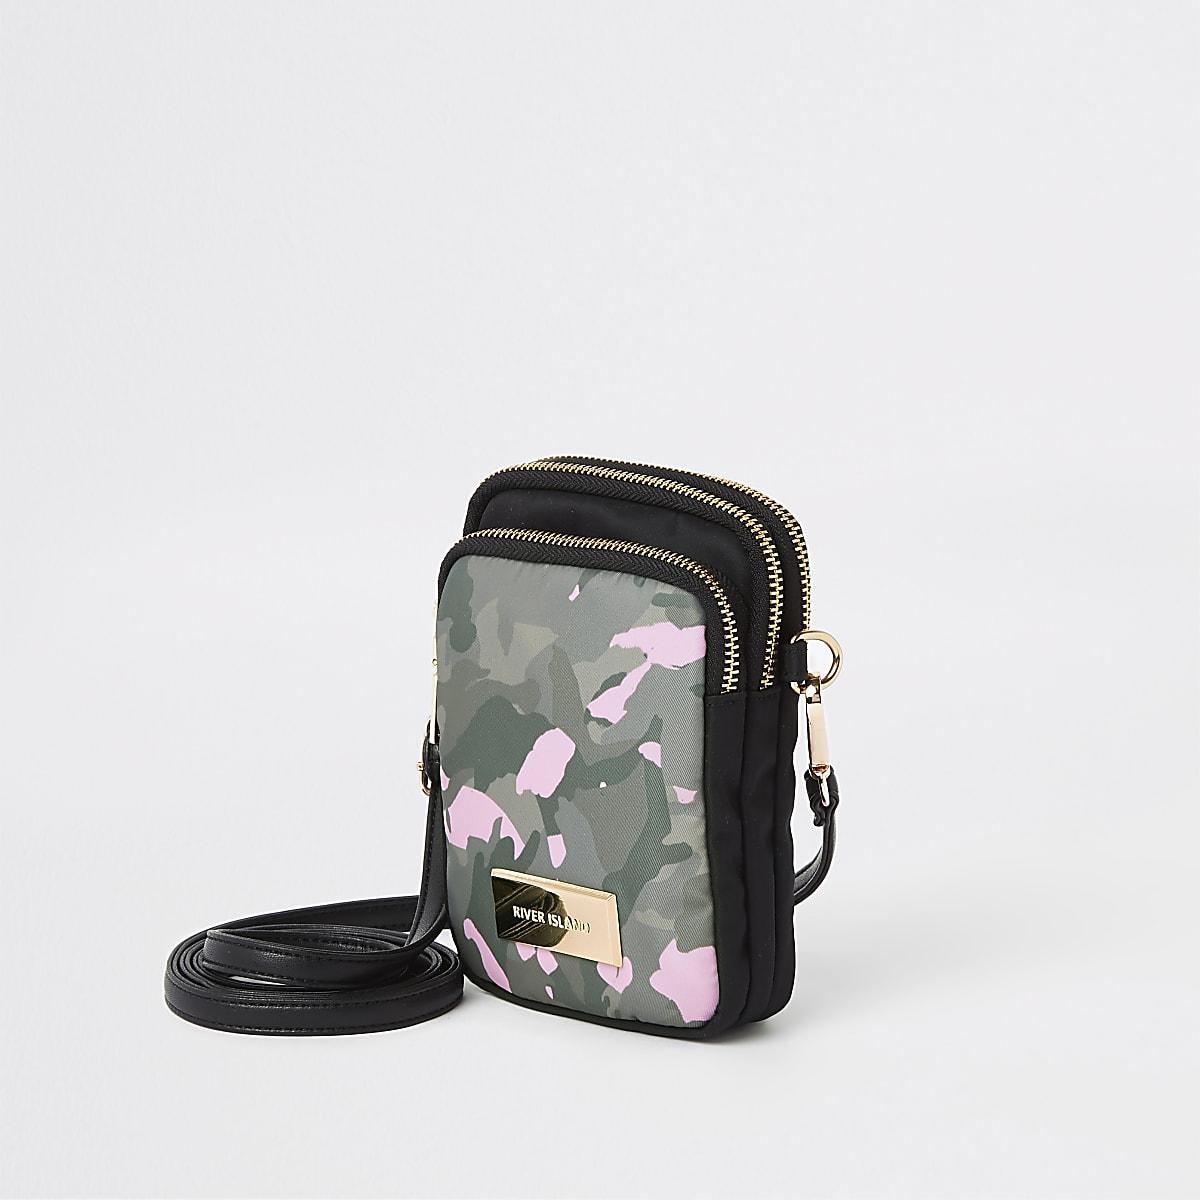 Khaki camo print mini pouch cross body bag